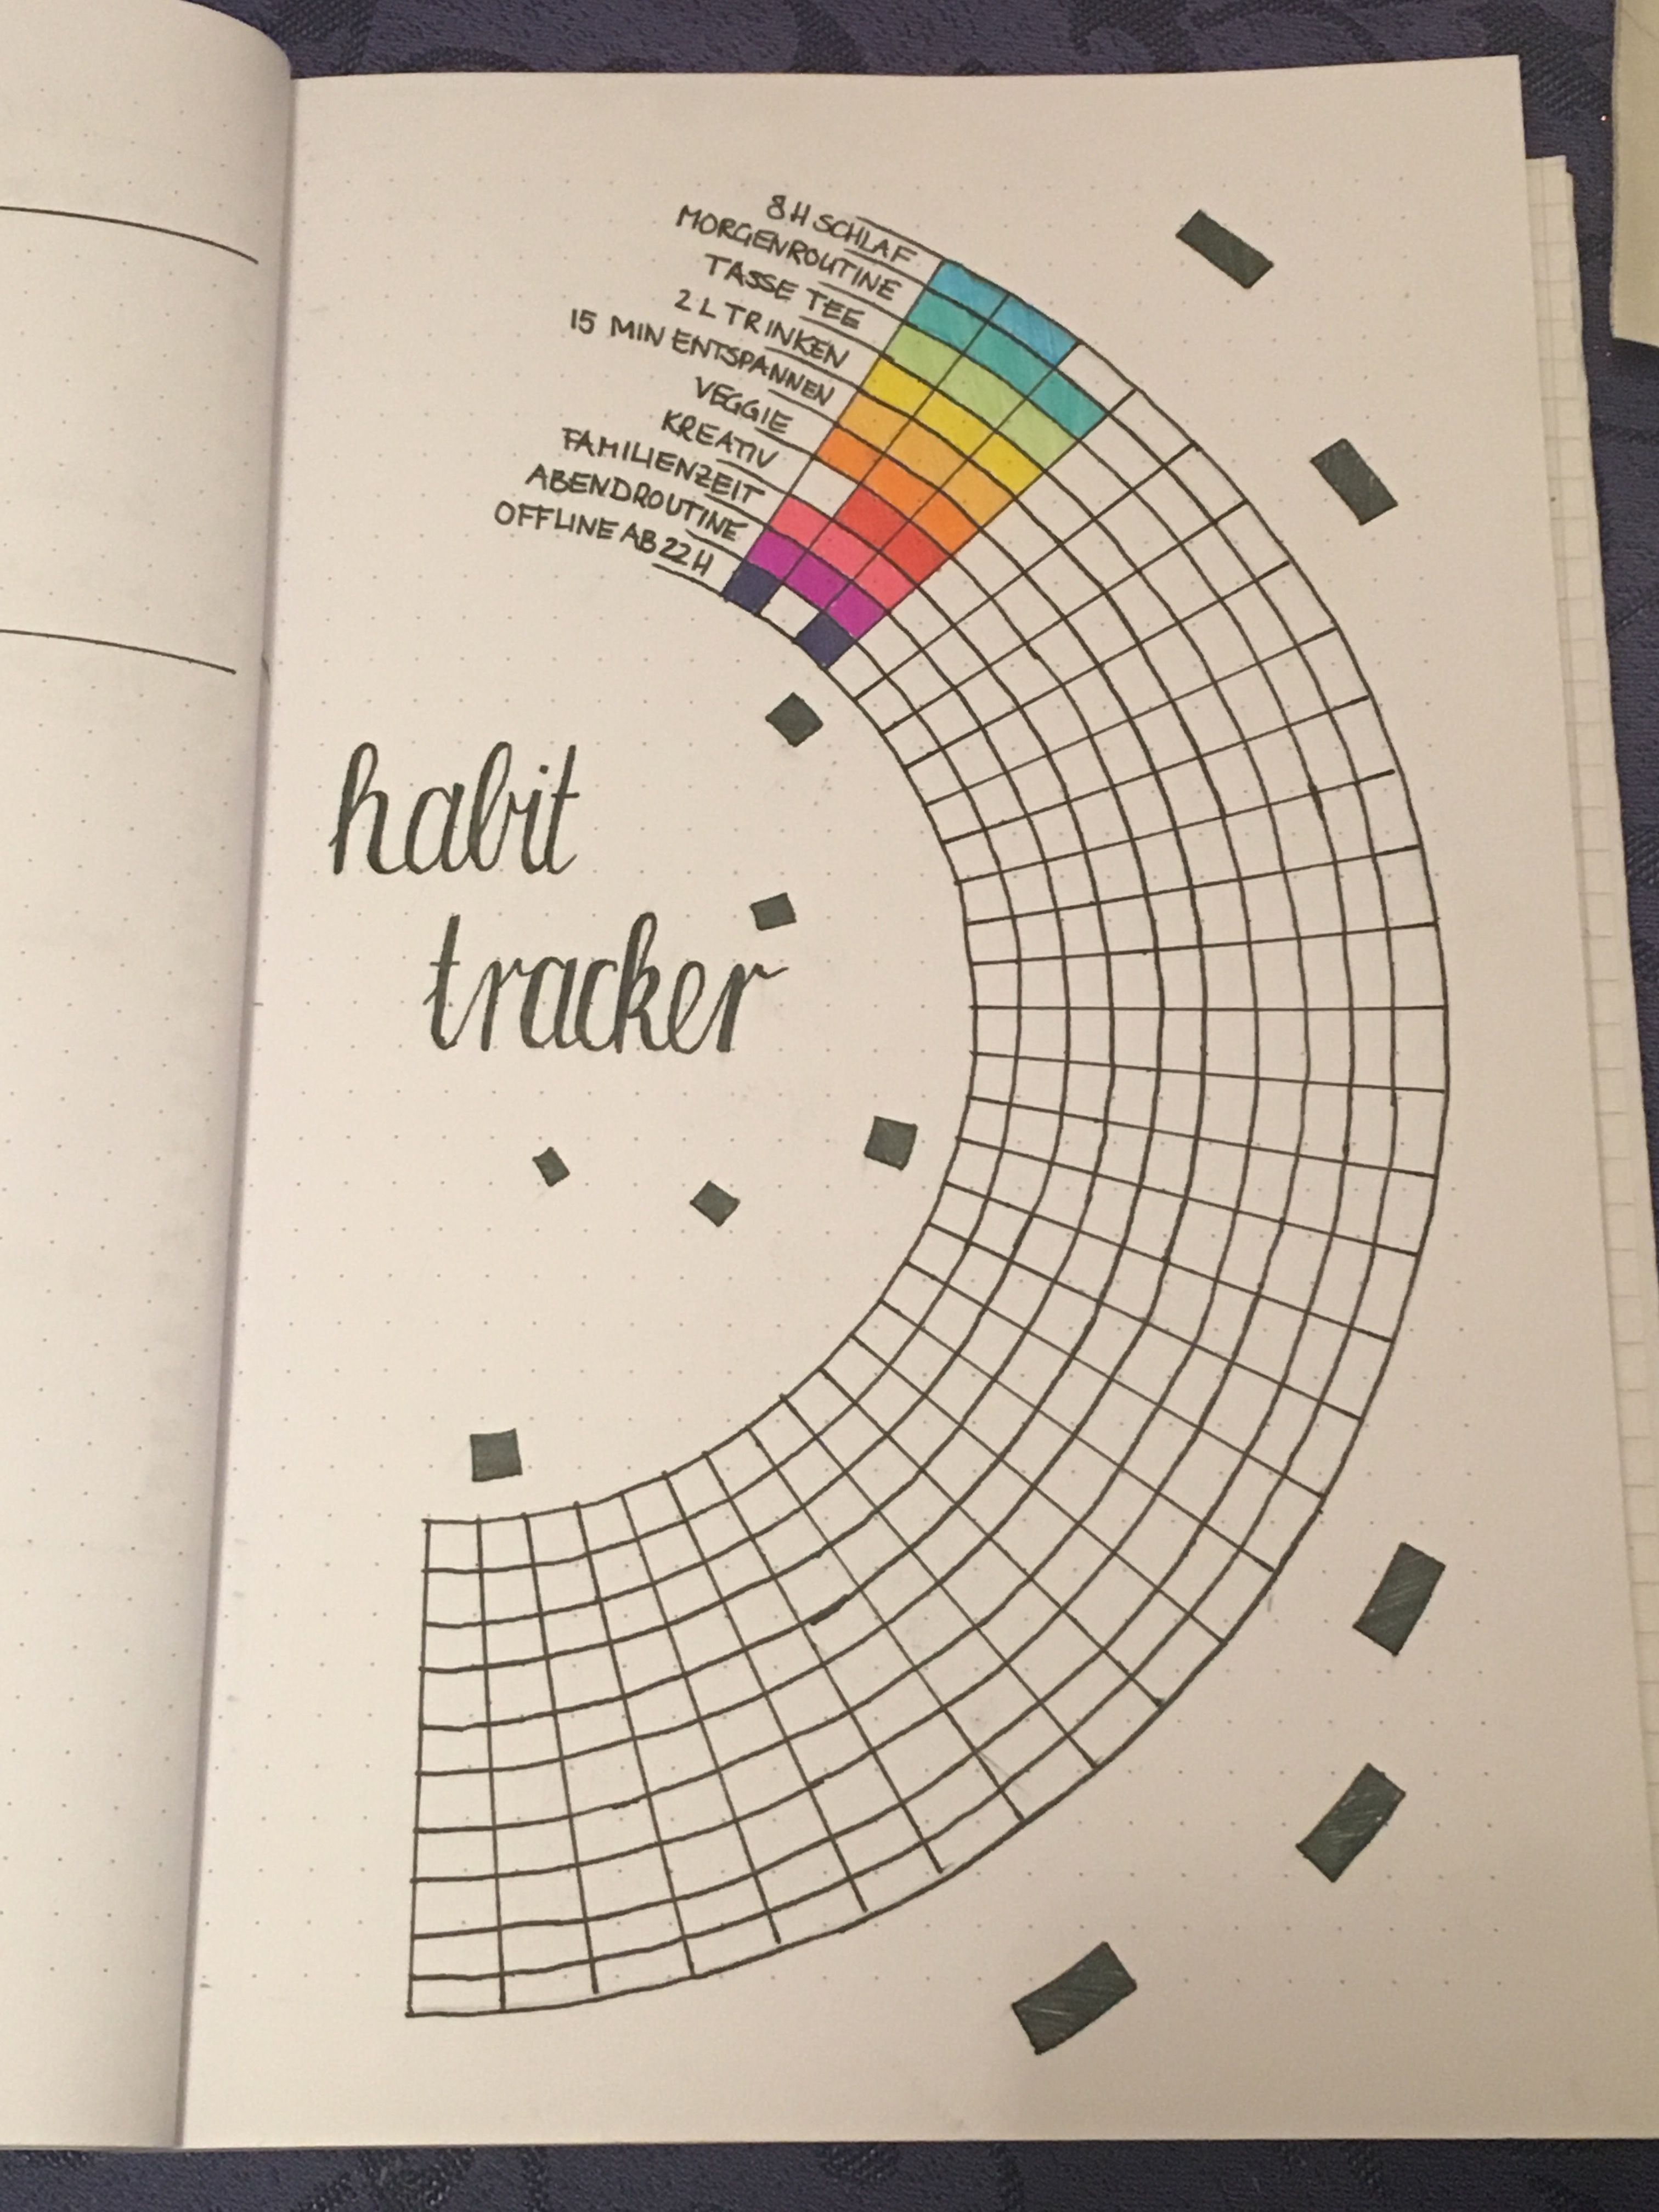 Calendar Art Key : Bullet journal mein bujo habit tracker für november